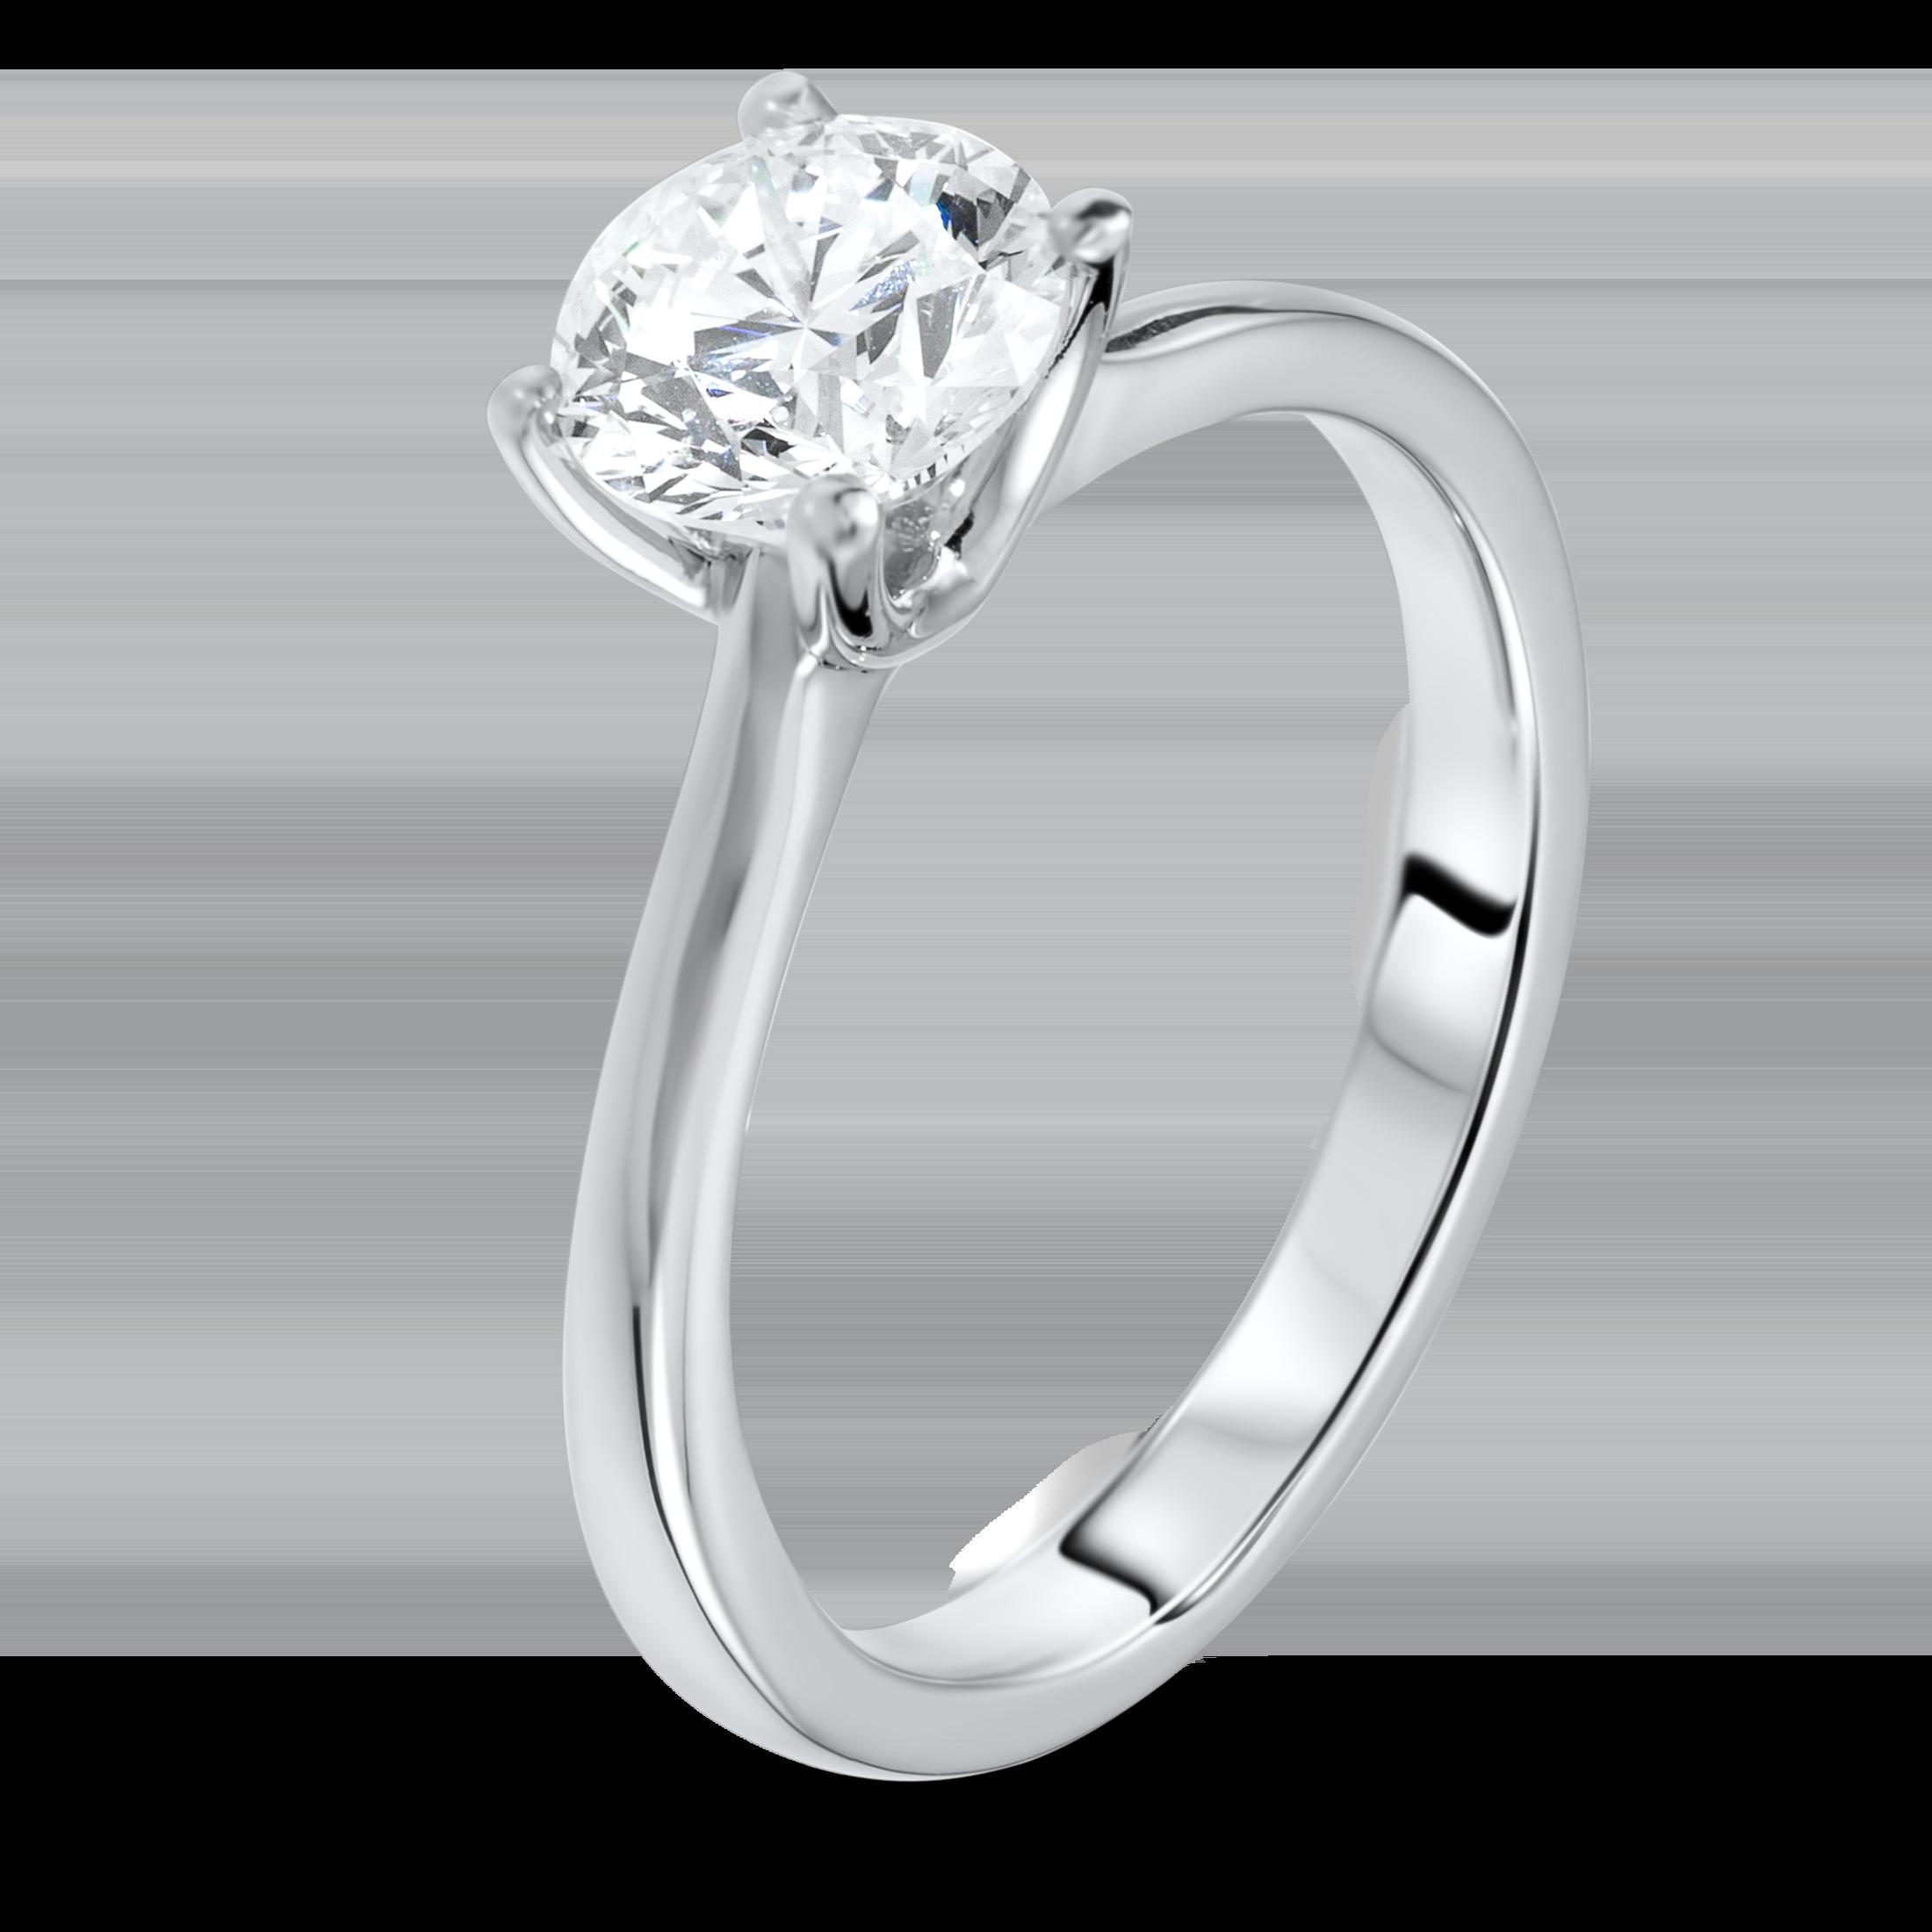 1.24 carat solitaire diamond ring.